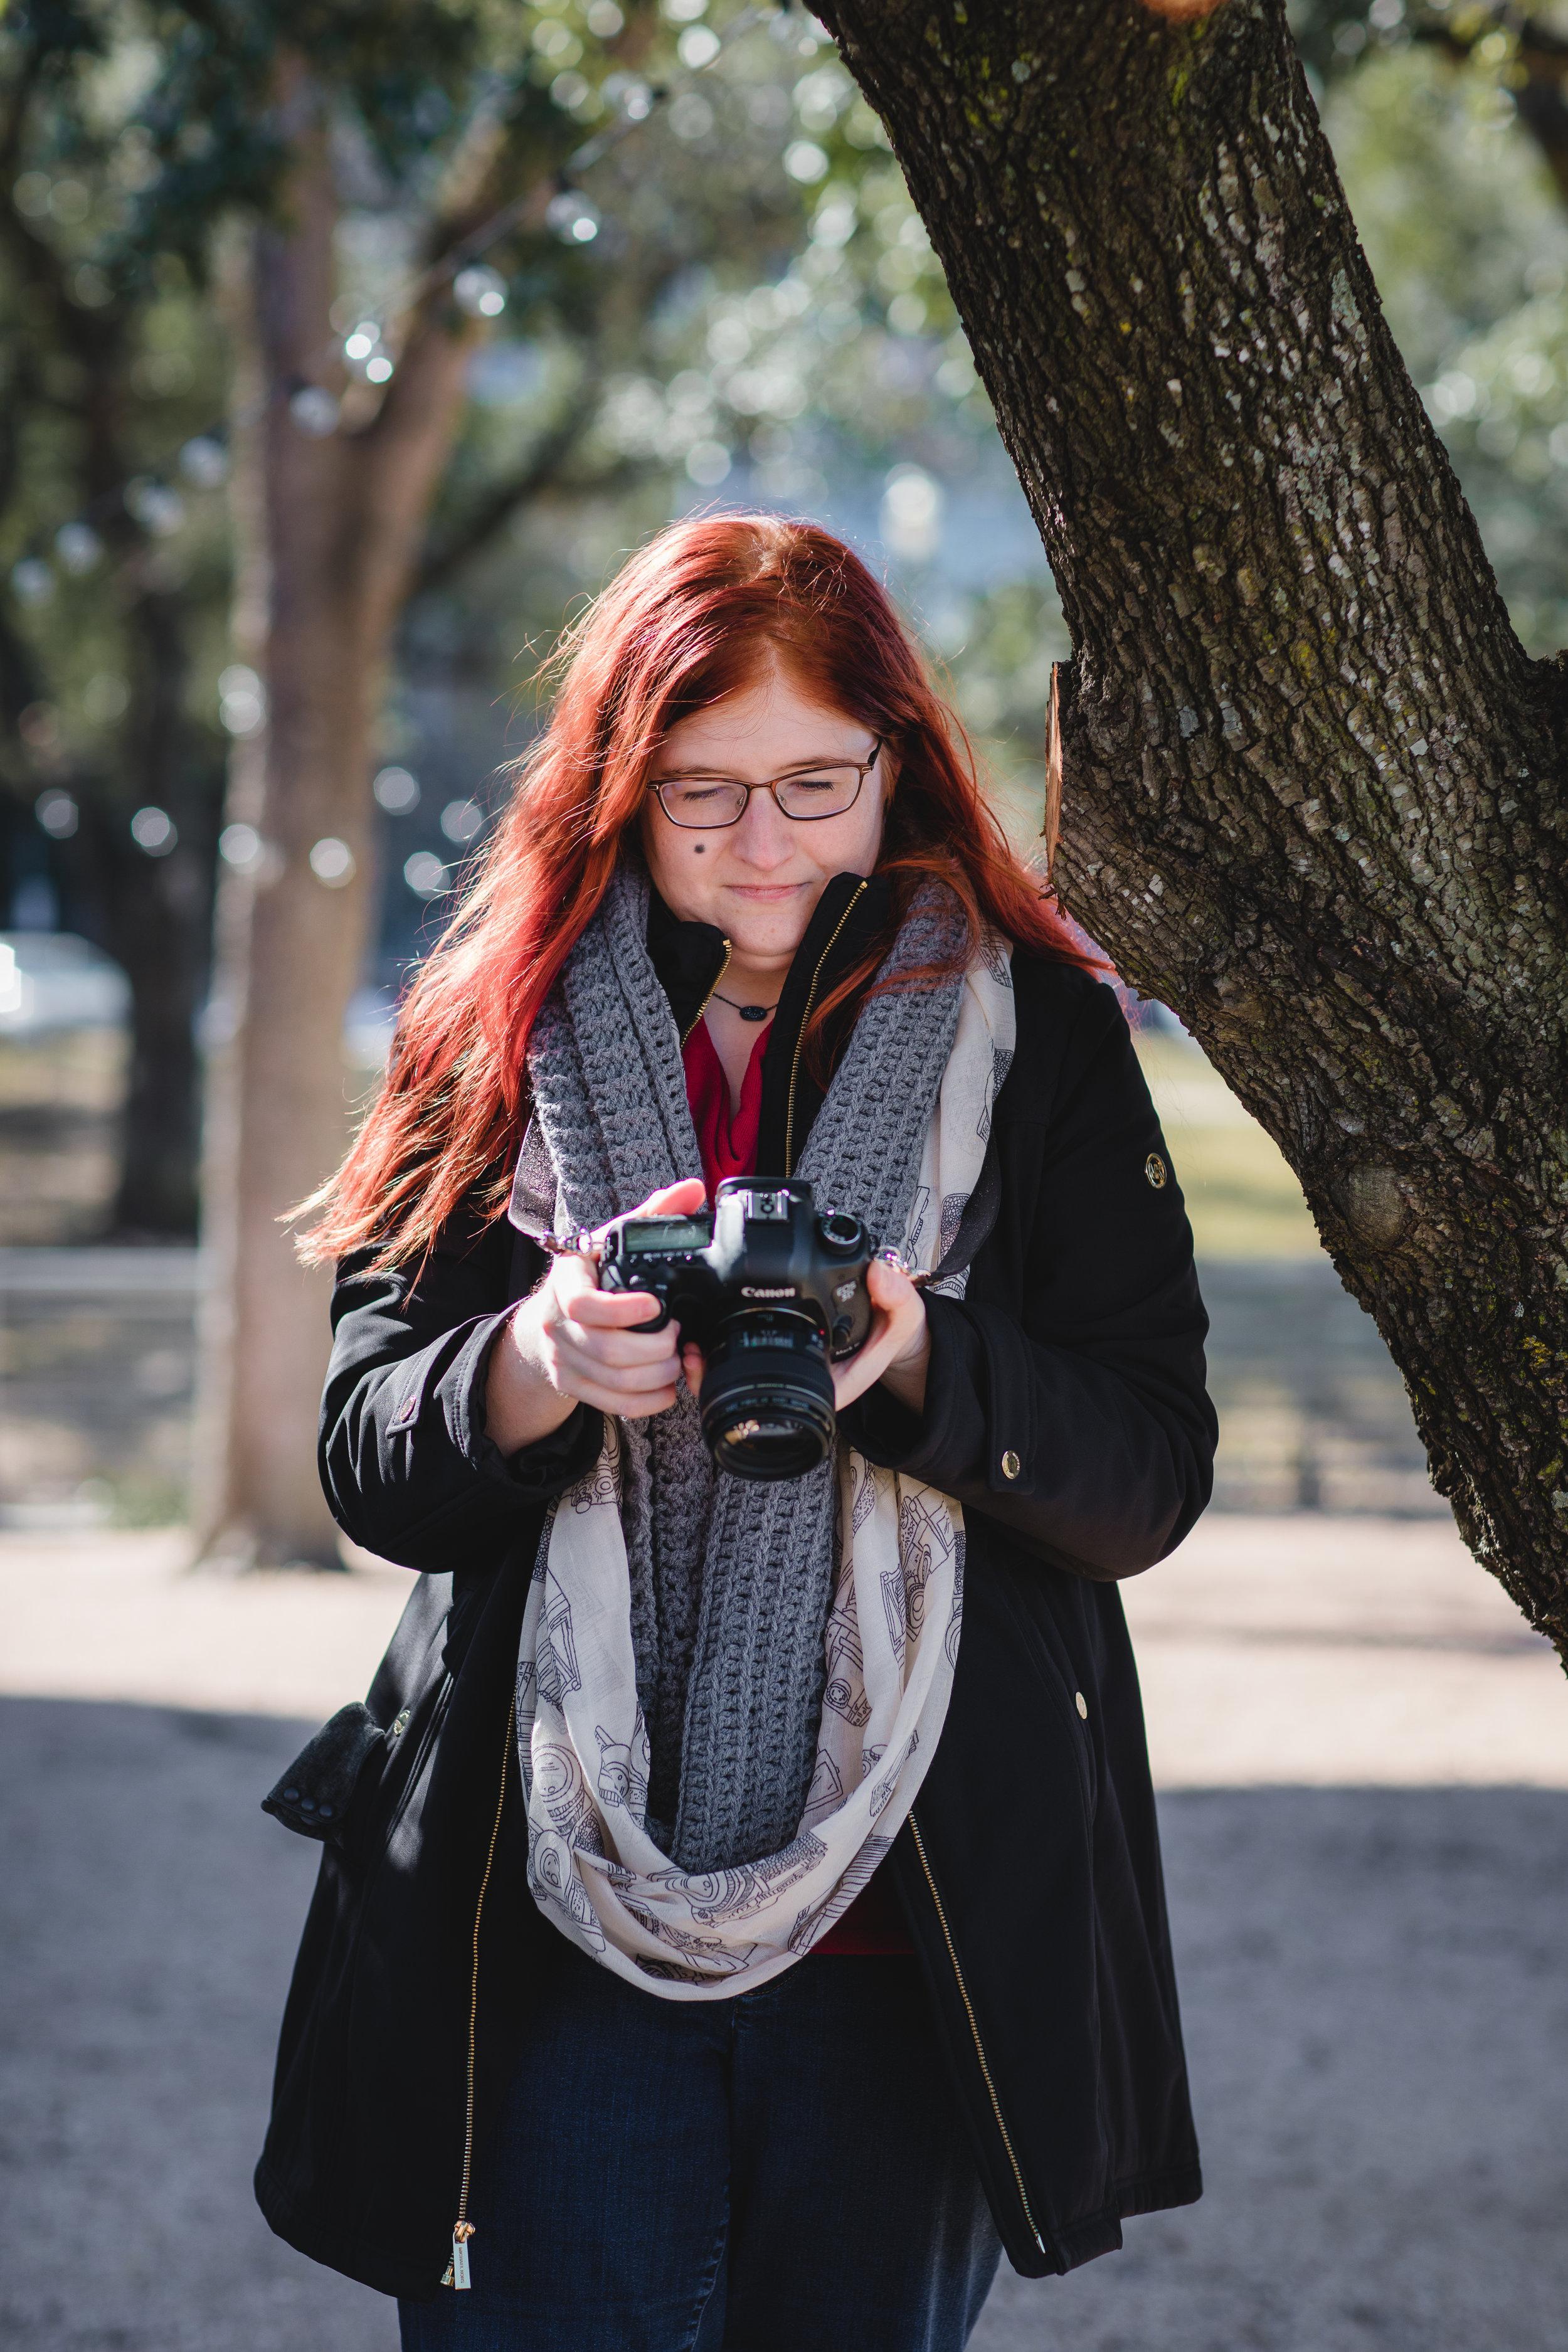 Lauren Zinn of Zinn Photography